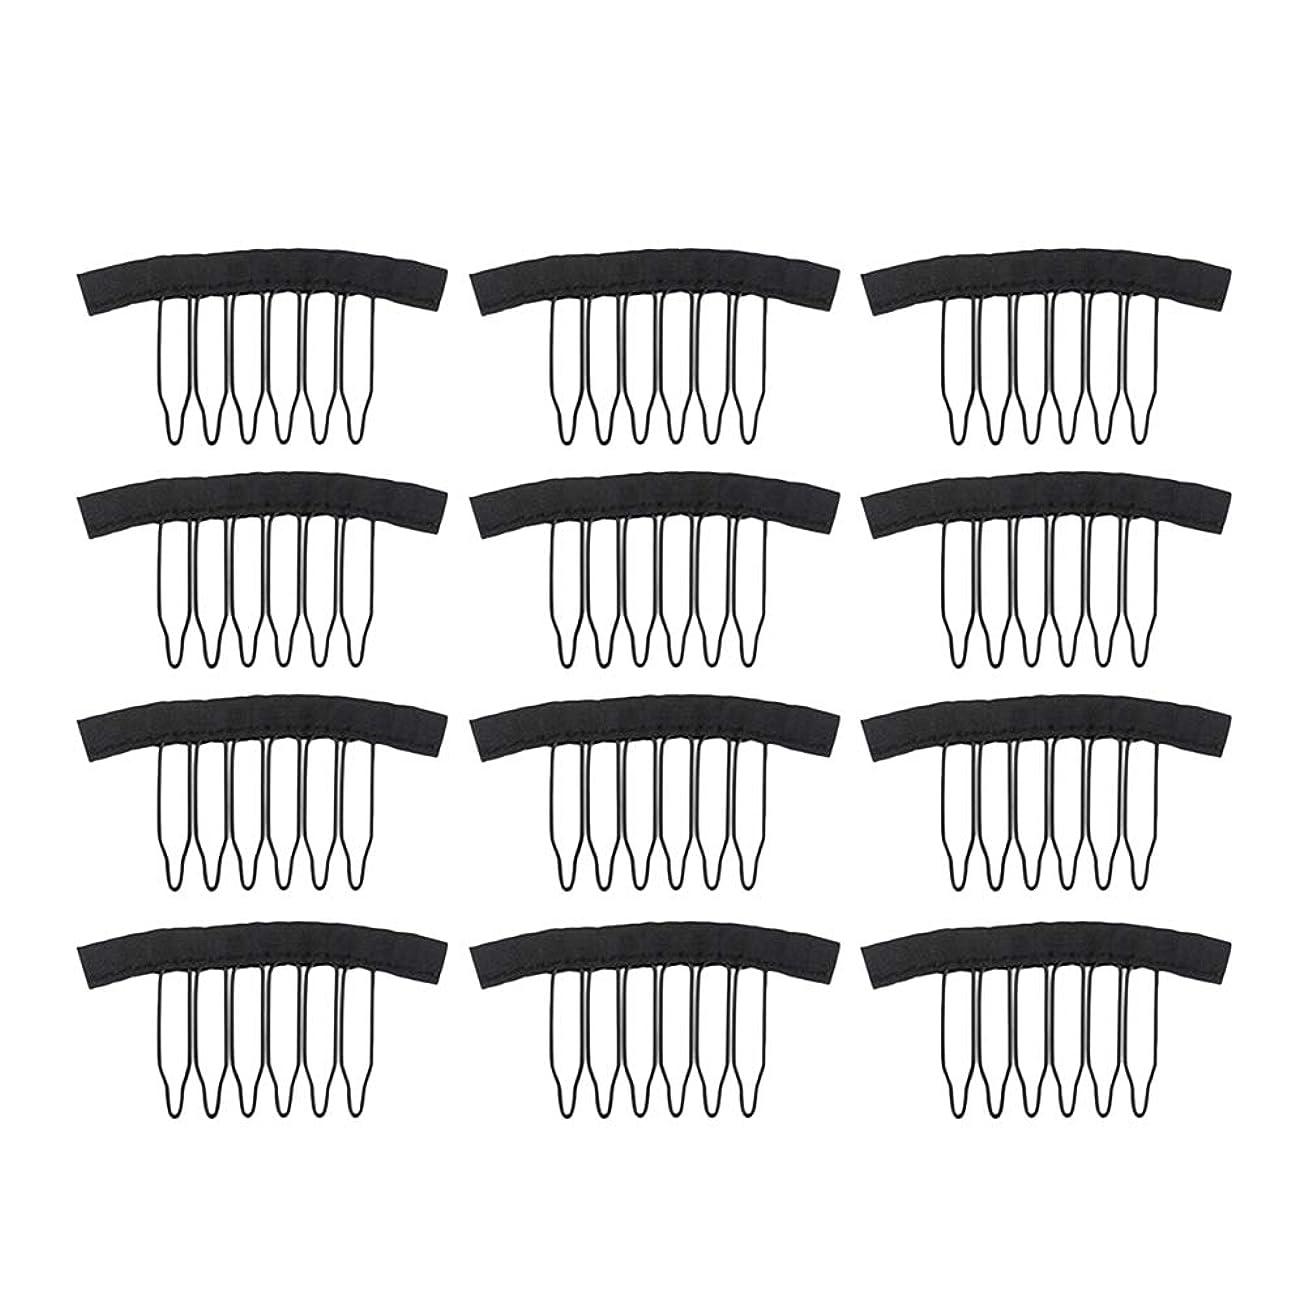 受け入れパワーセルメインFrcolor 12PC ウィッグ かつらピン ウィッグネットキャップクリップステンレススチール 女性用ウィッグアクセサリー(ブラック)